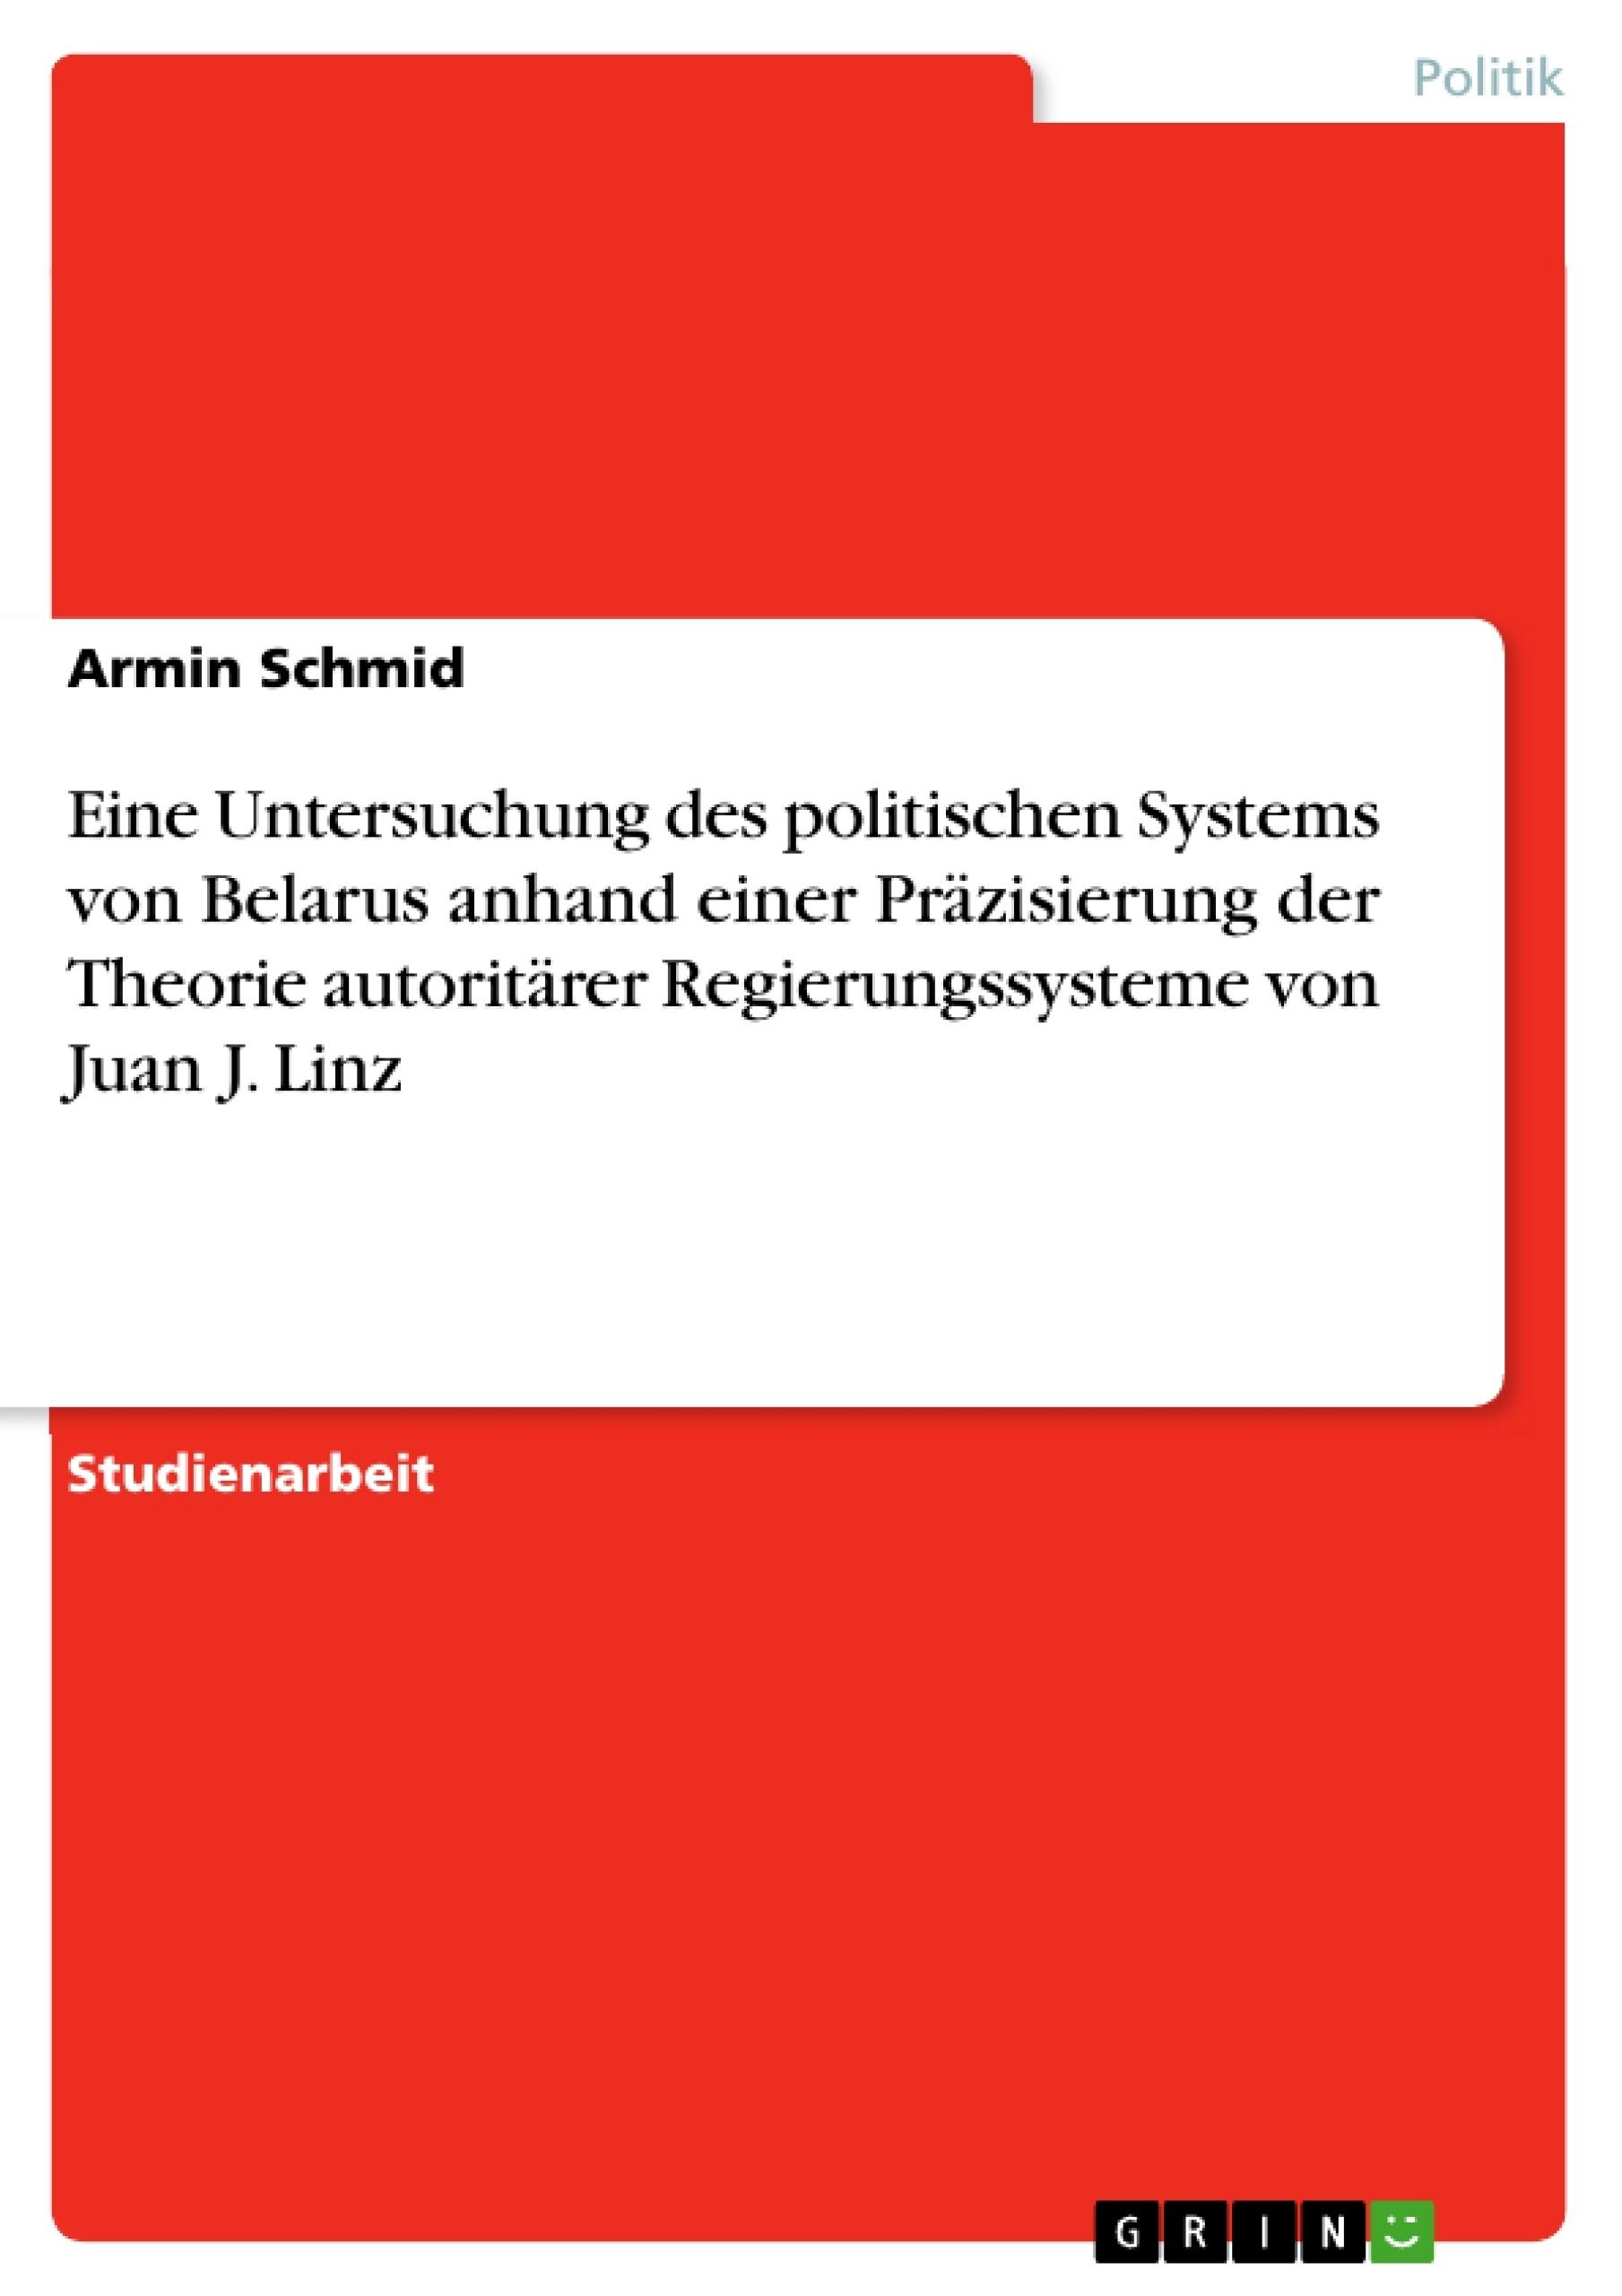 Titel: Eine Untersuchung des politischen Systems von Belarus anhand einer Präzisierung der Theorie autoritärer Regierungssysteme von Juan J. Linz